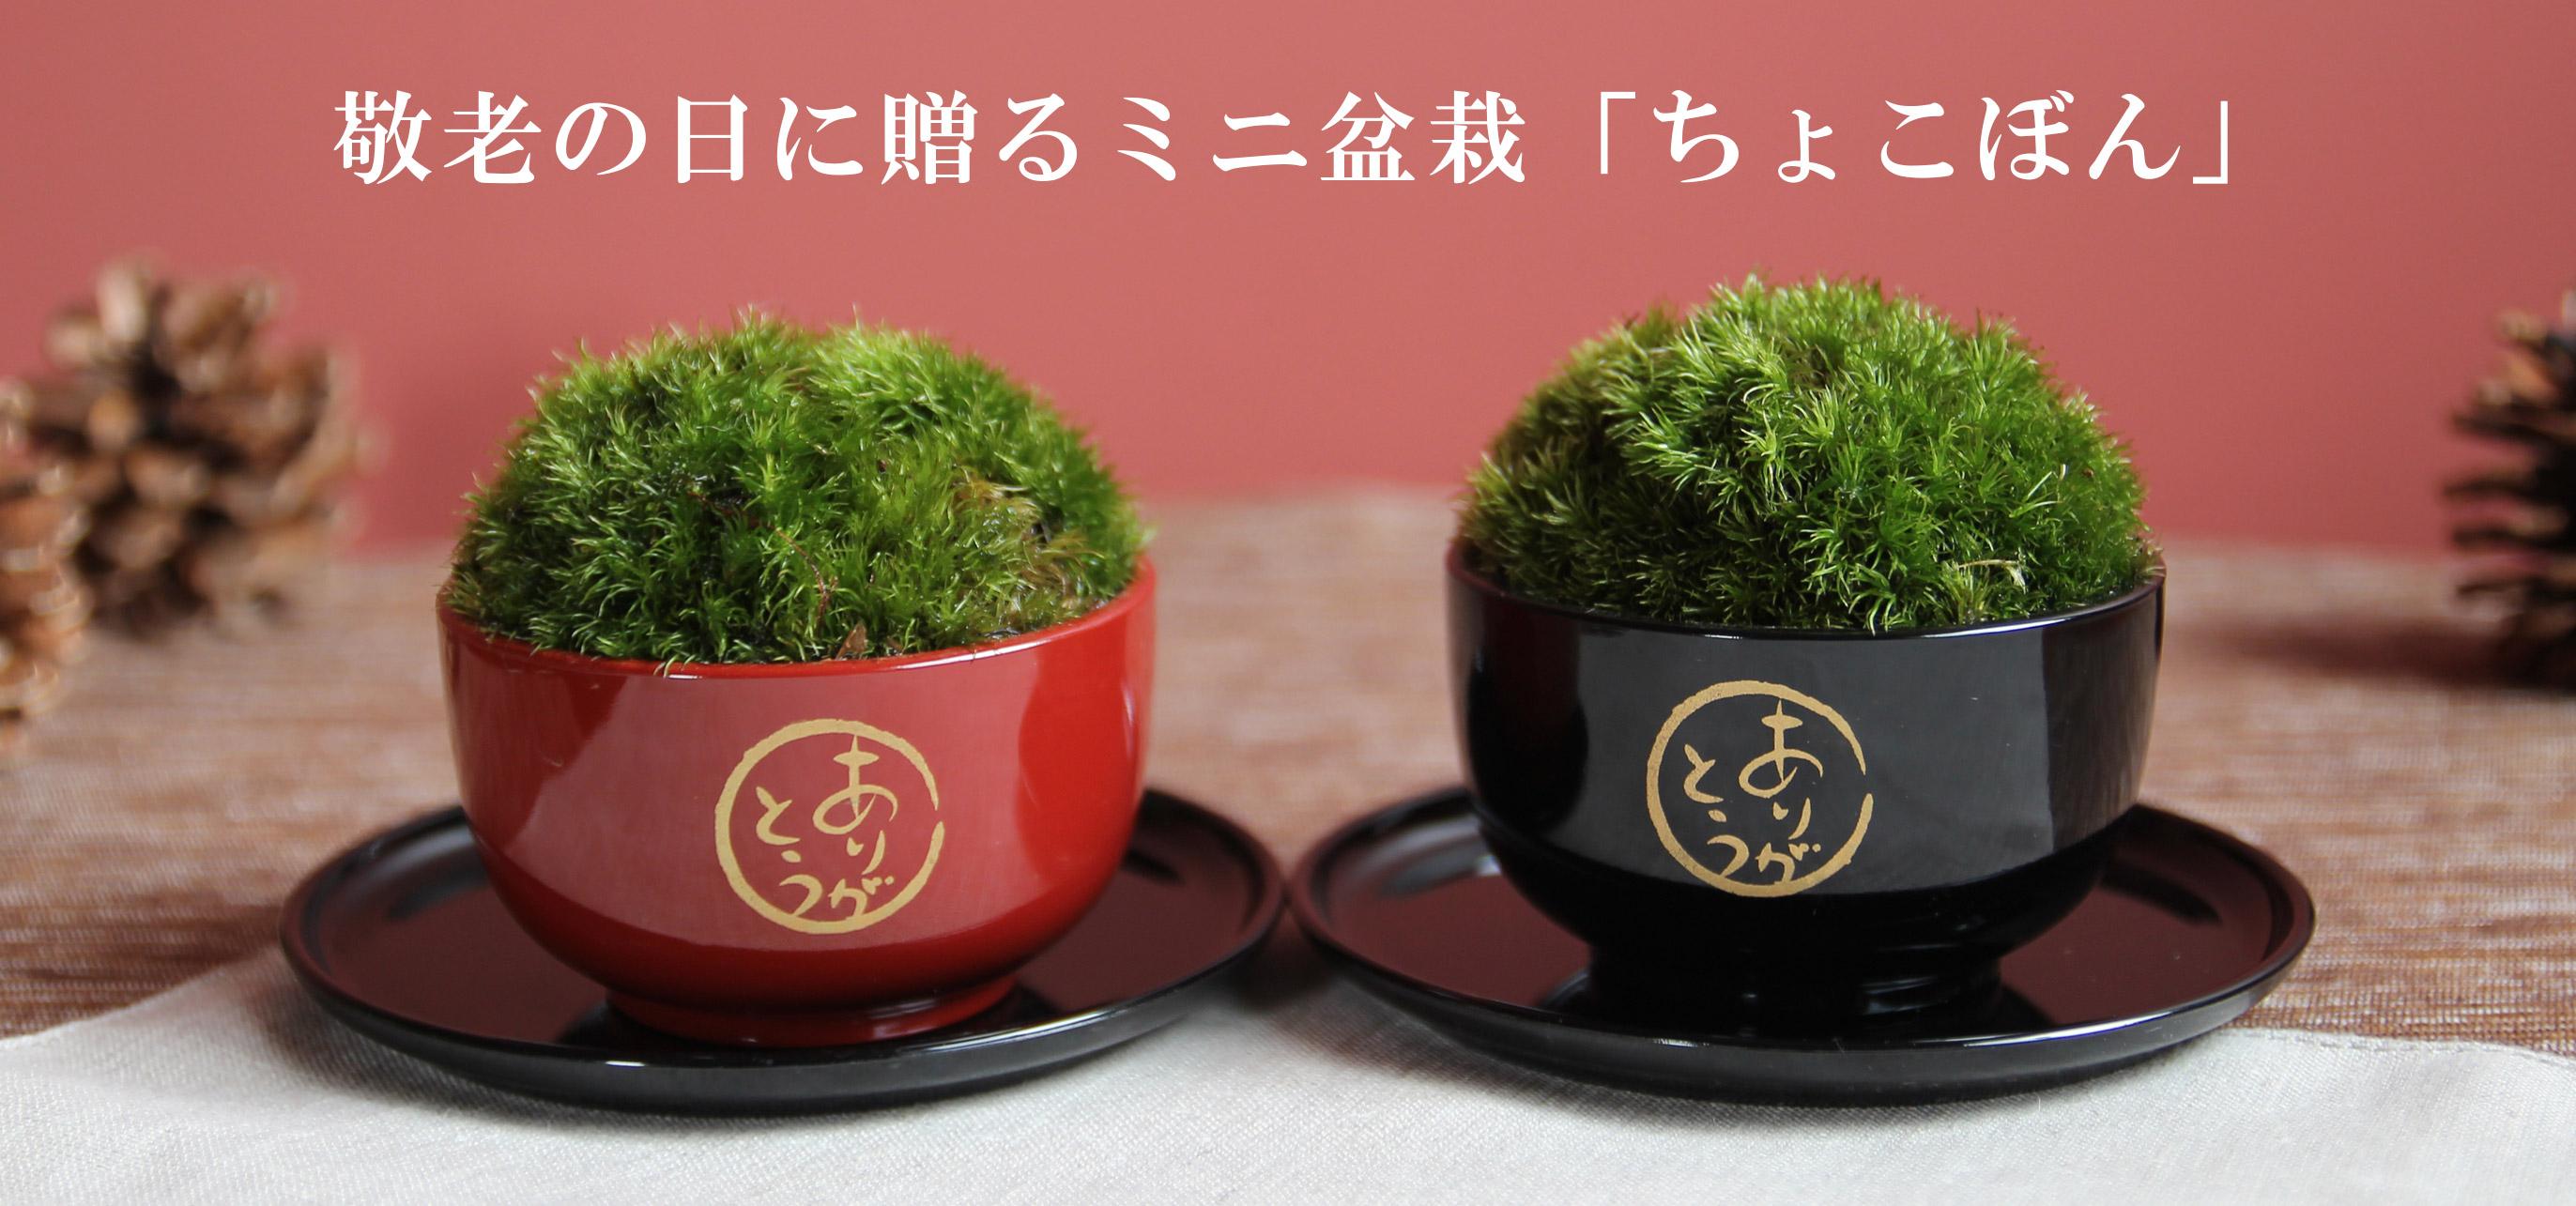 ミニ盆栽,敬老の日,贈り物